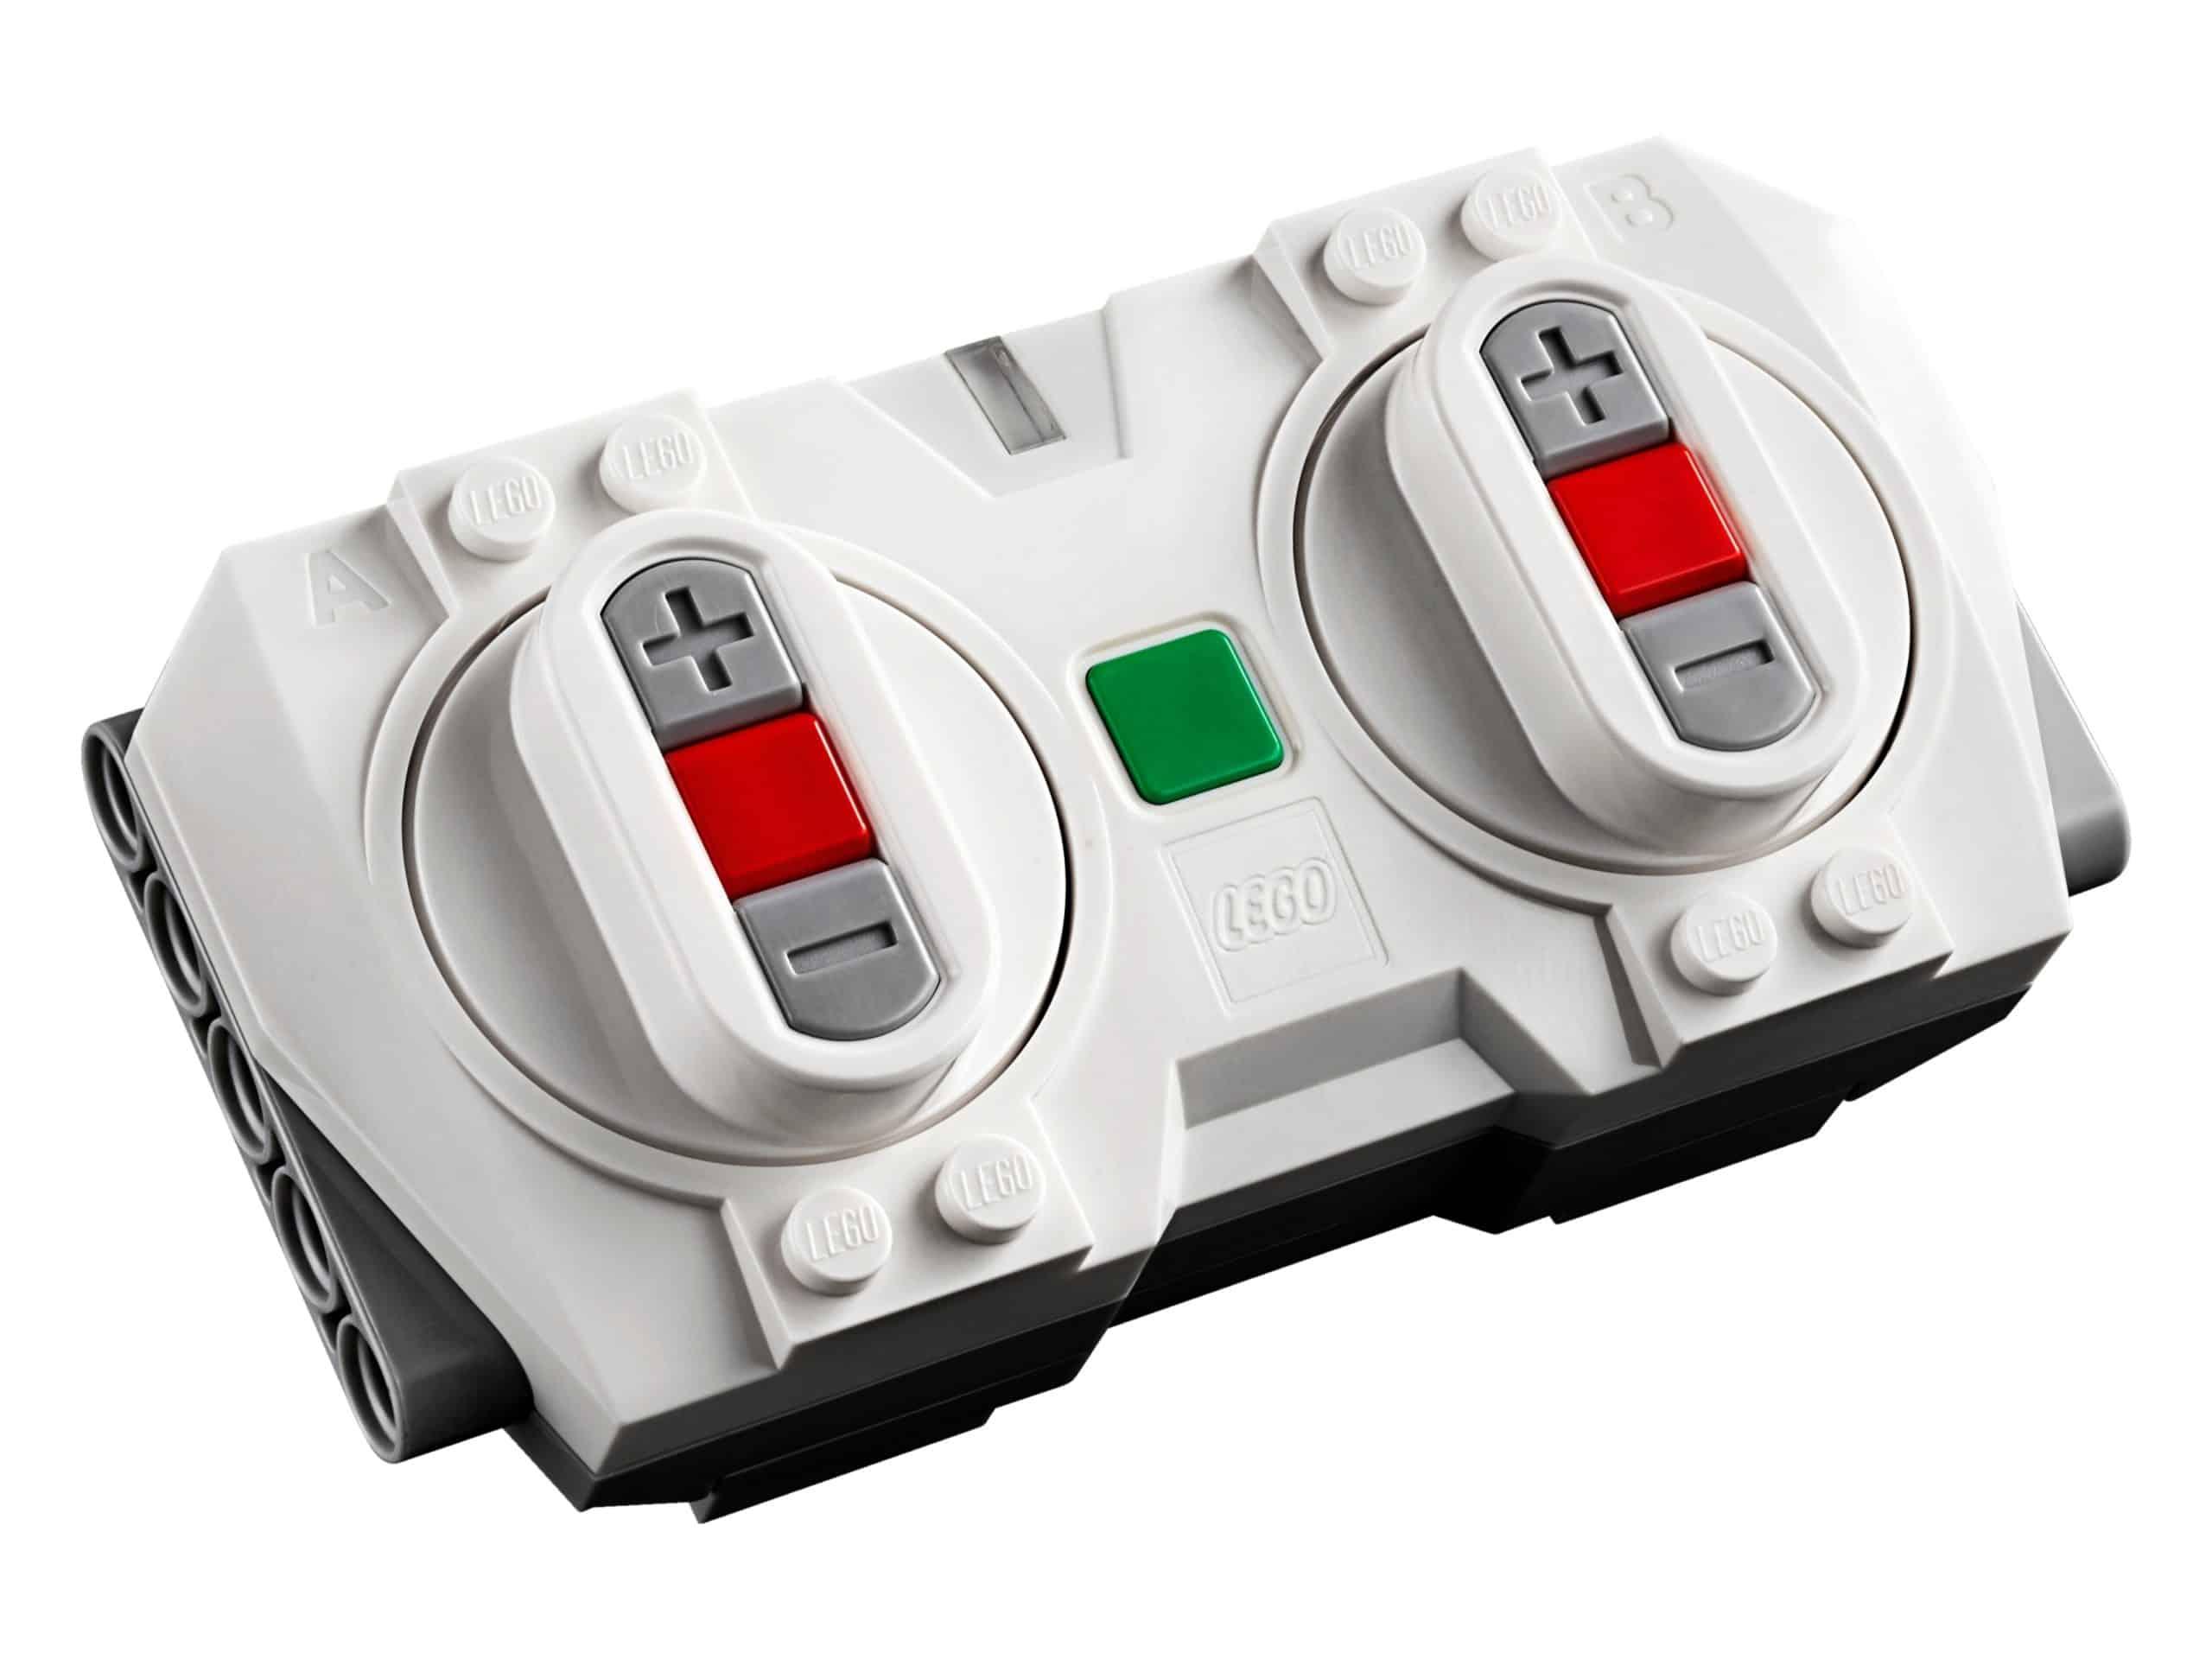 lego 88010 fjarrkontroll scaled